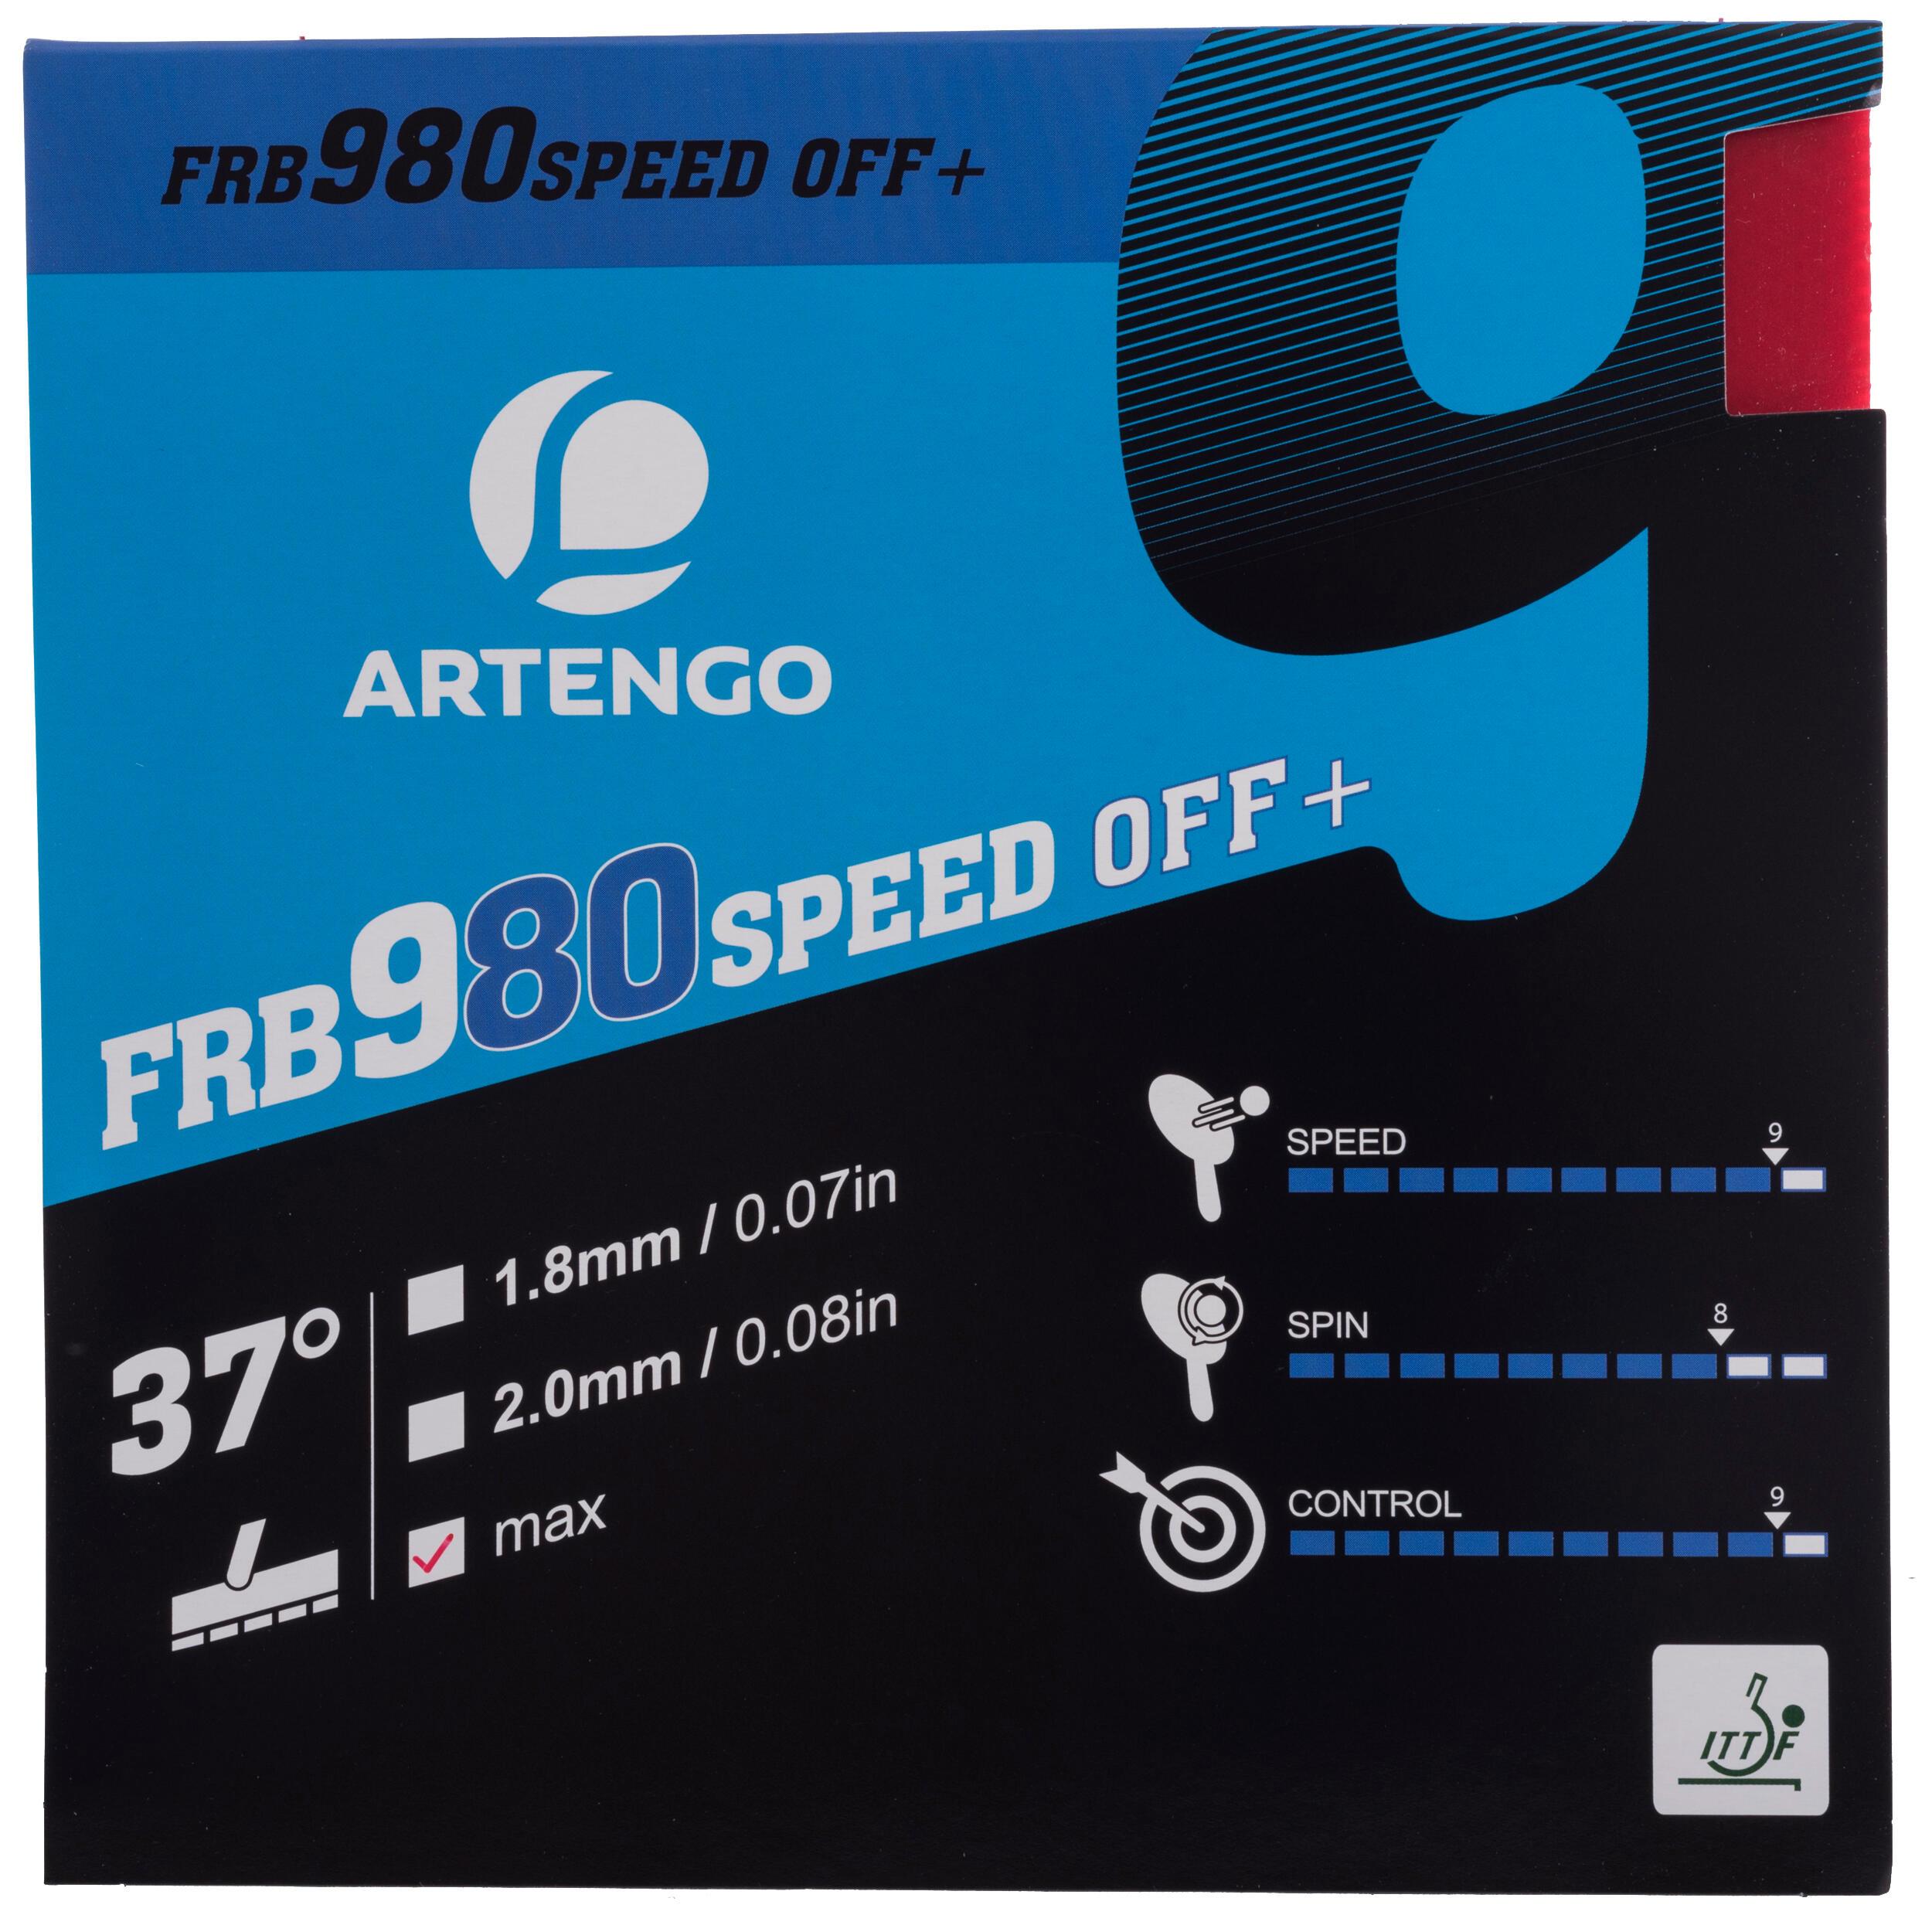 Față Paletă FRB980 Speed 37° imagine